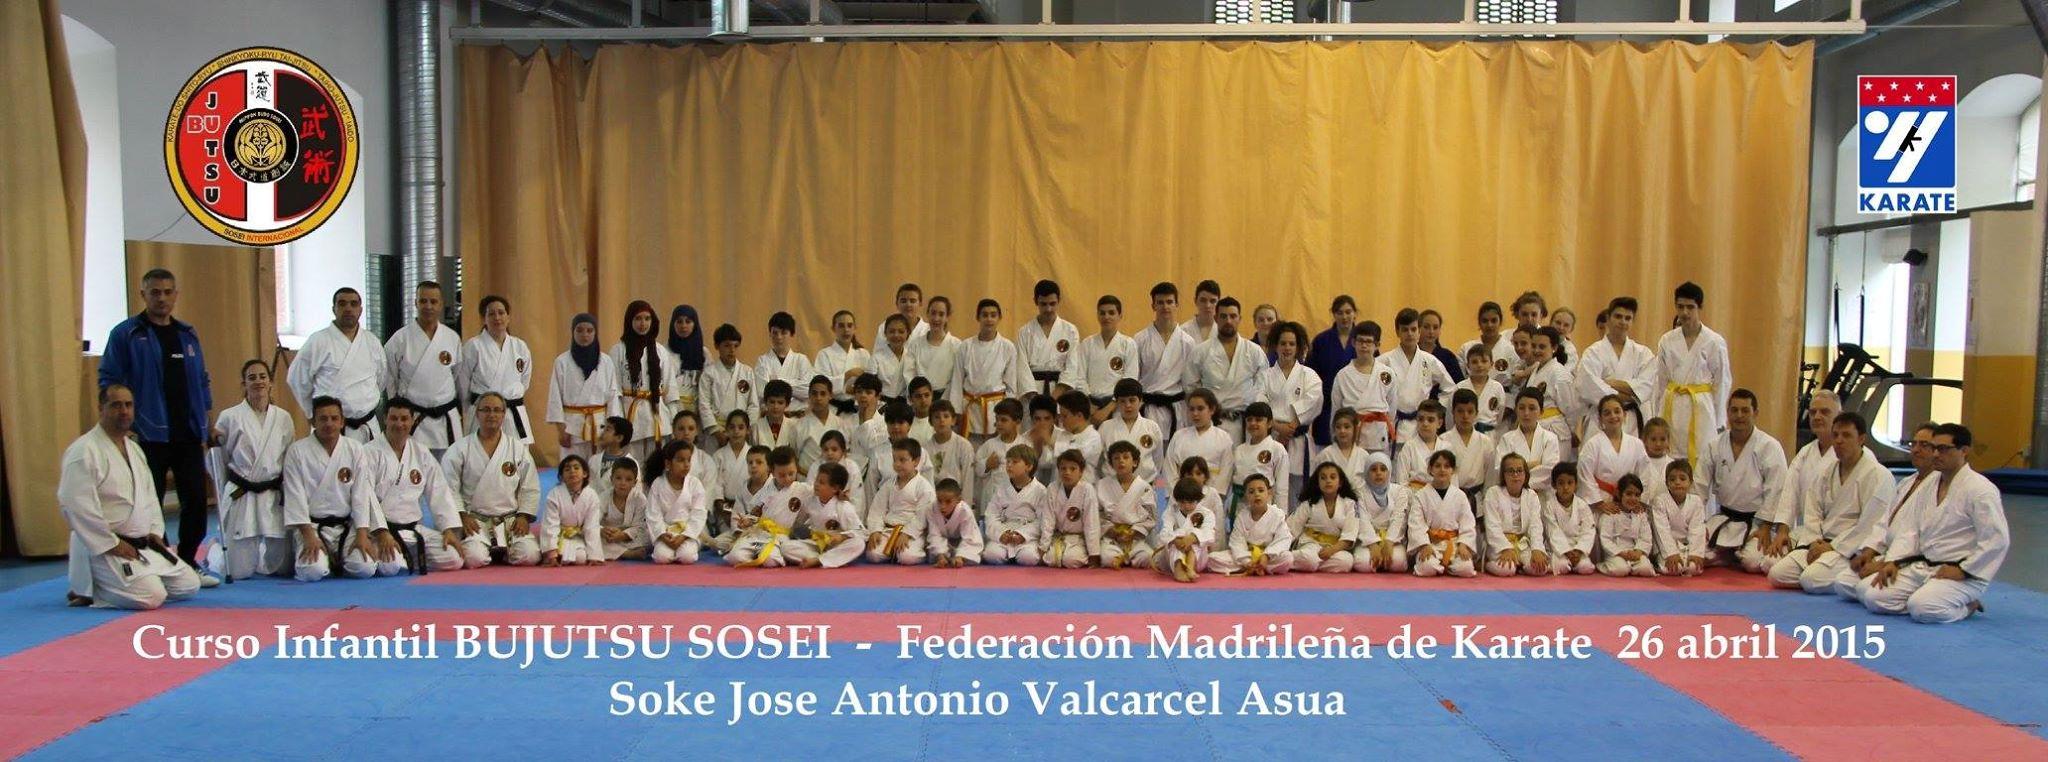 Grupo FMK Infantil Abril 2015